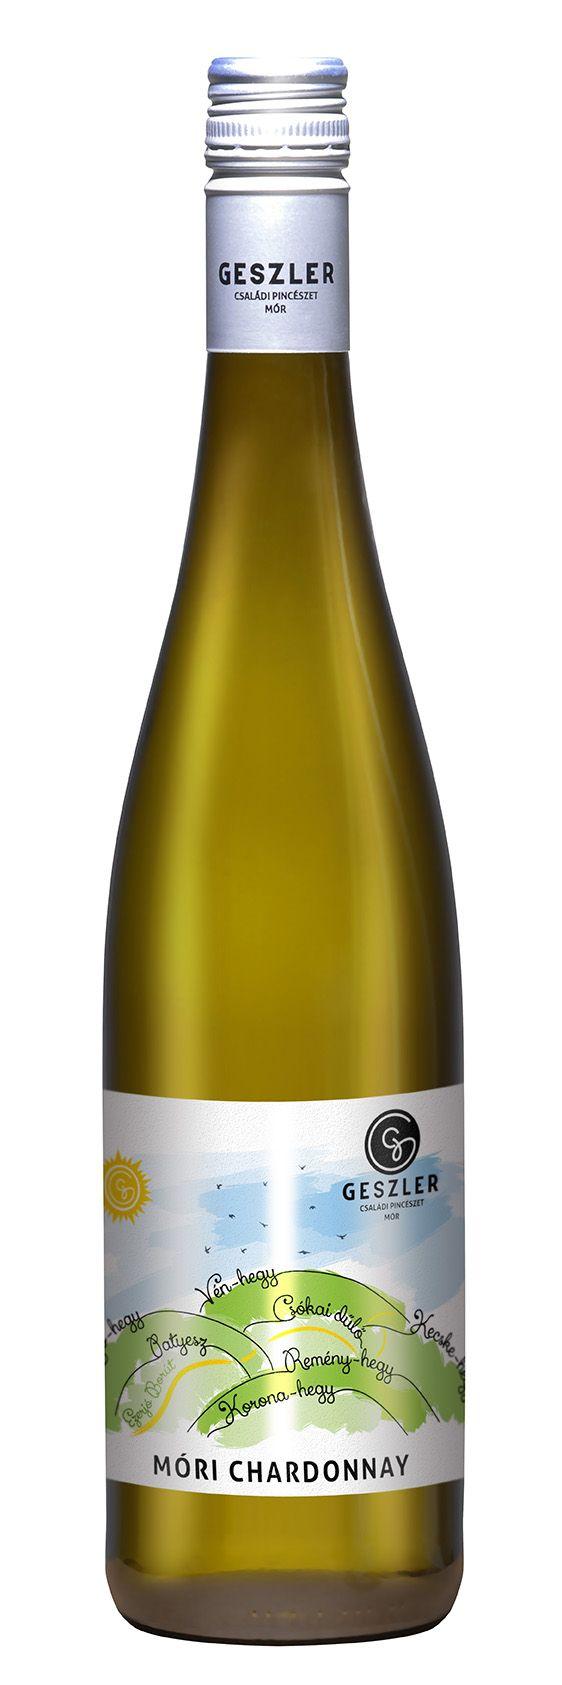 Móri Chardonnay (2015)  OEM SZÁRAZ fehérbor Tippünk: Egy kellemes gyalog- vagy kerékpártúrán az Ezerjó Borúton meg lehet győződni e páratlan táj szépségeiről. Ismerd meg, rabul ejt... a táj is! A megújult címkén természetesen visszaköszön Mór, szőlőterületeink olvashatóak rajta középen pedig az Ezerjó Borút fut rajta végig. Így már Csákberénytől indulva Csókakőn át Mórra is el lehet jutni a borúton a Vértes alatti kerékpárúton. A táj gyönyörű, akár csak ez a Chardonnay.